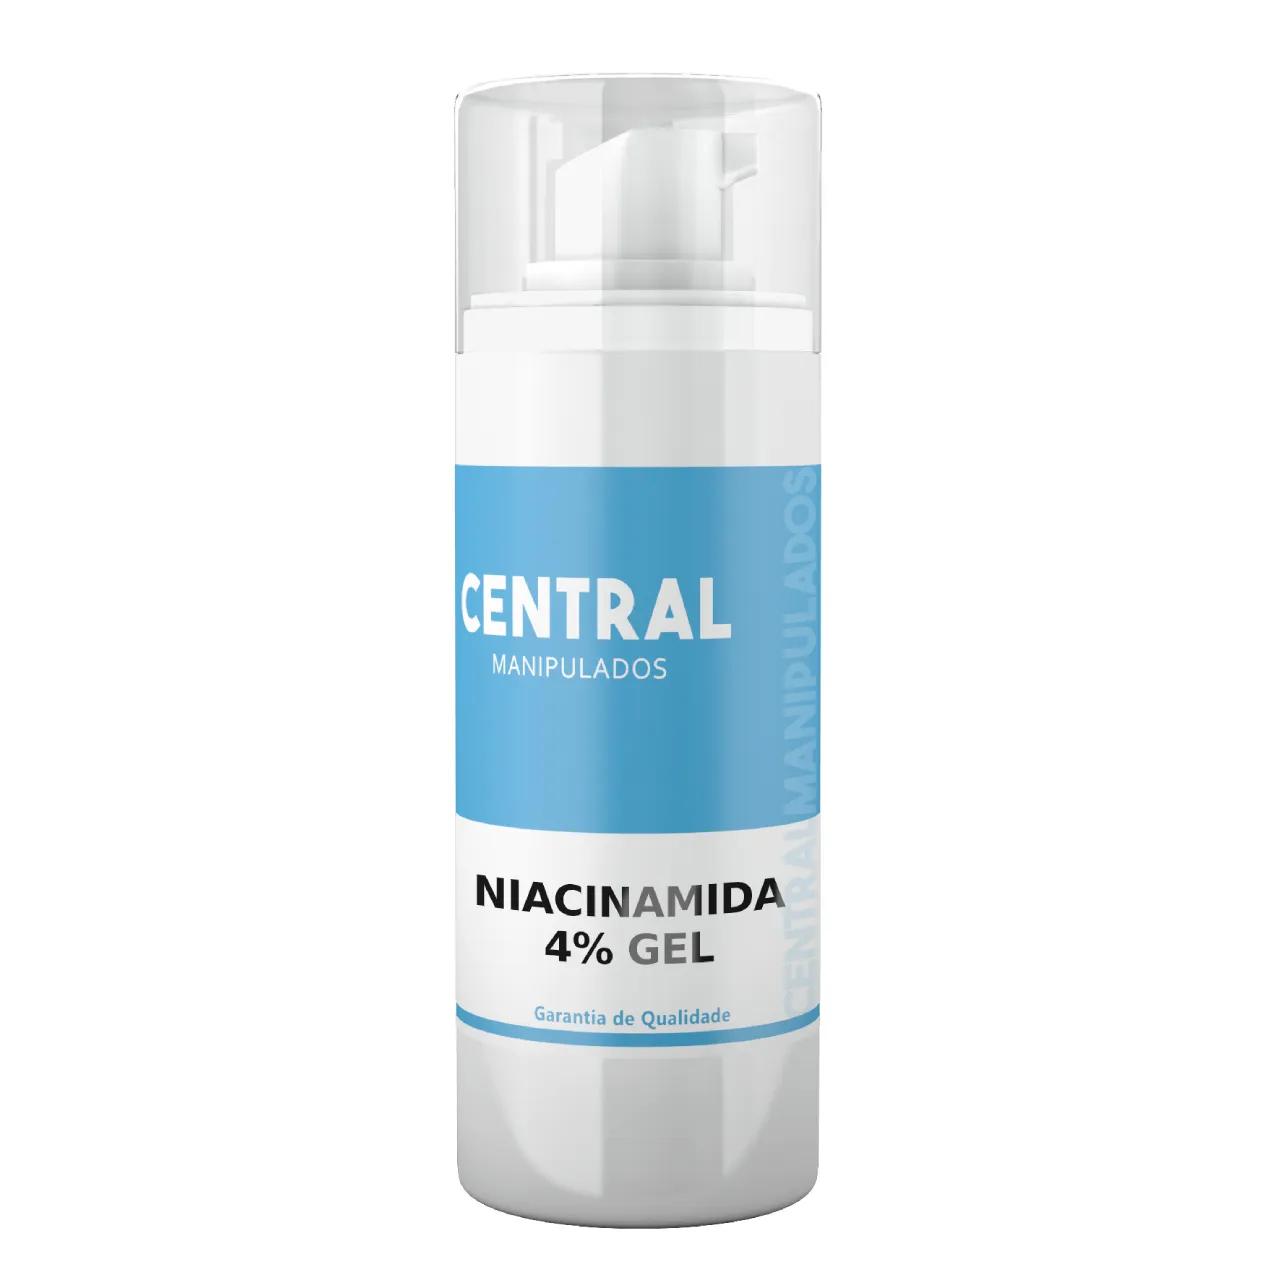 Niacinamida 5% Creme 60g - Ação Antienvelhecimento, uniformidade da pele, ação anti-inflamatória, que ajuda a combater a acne